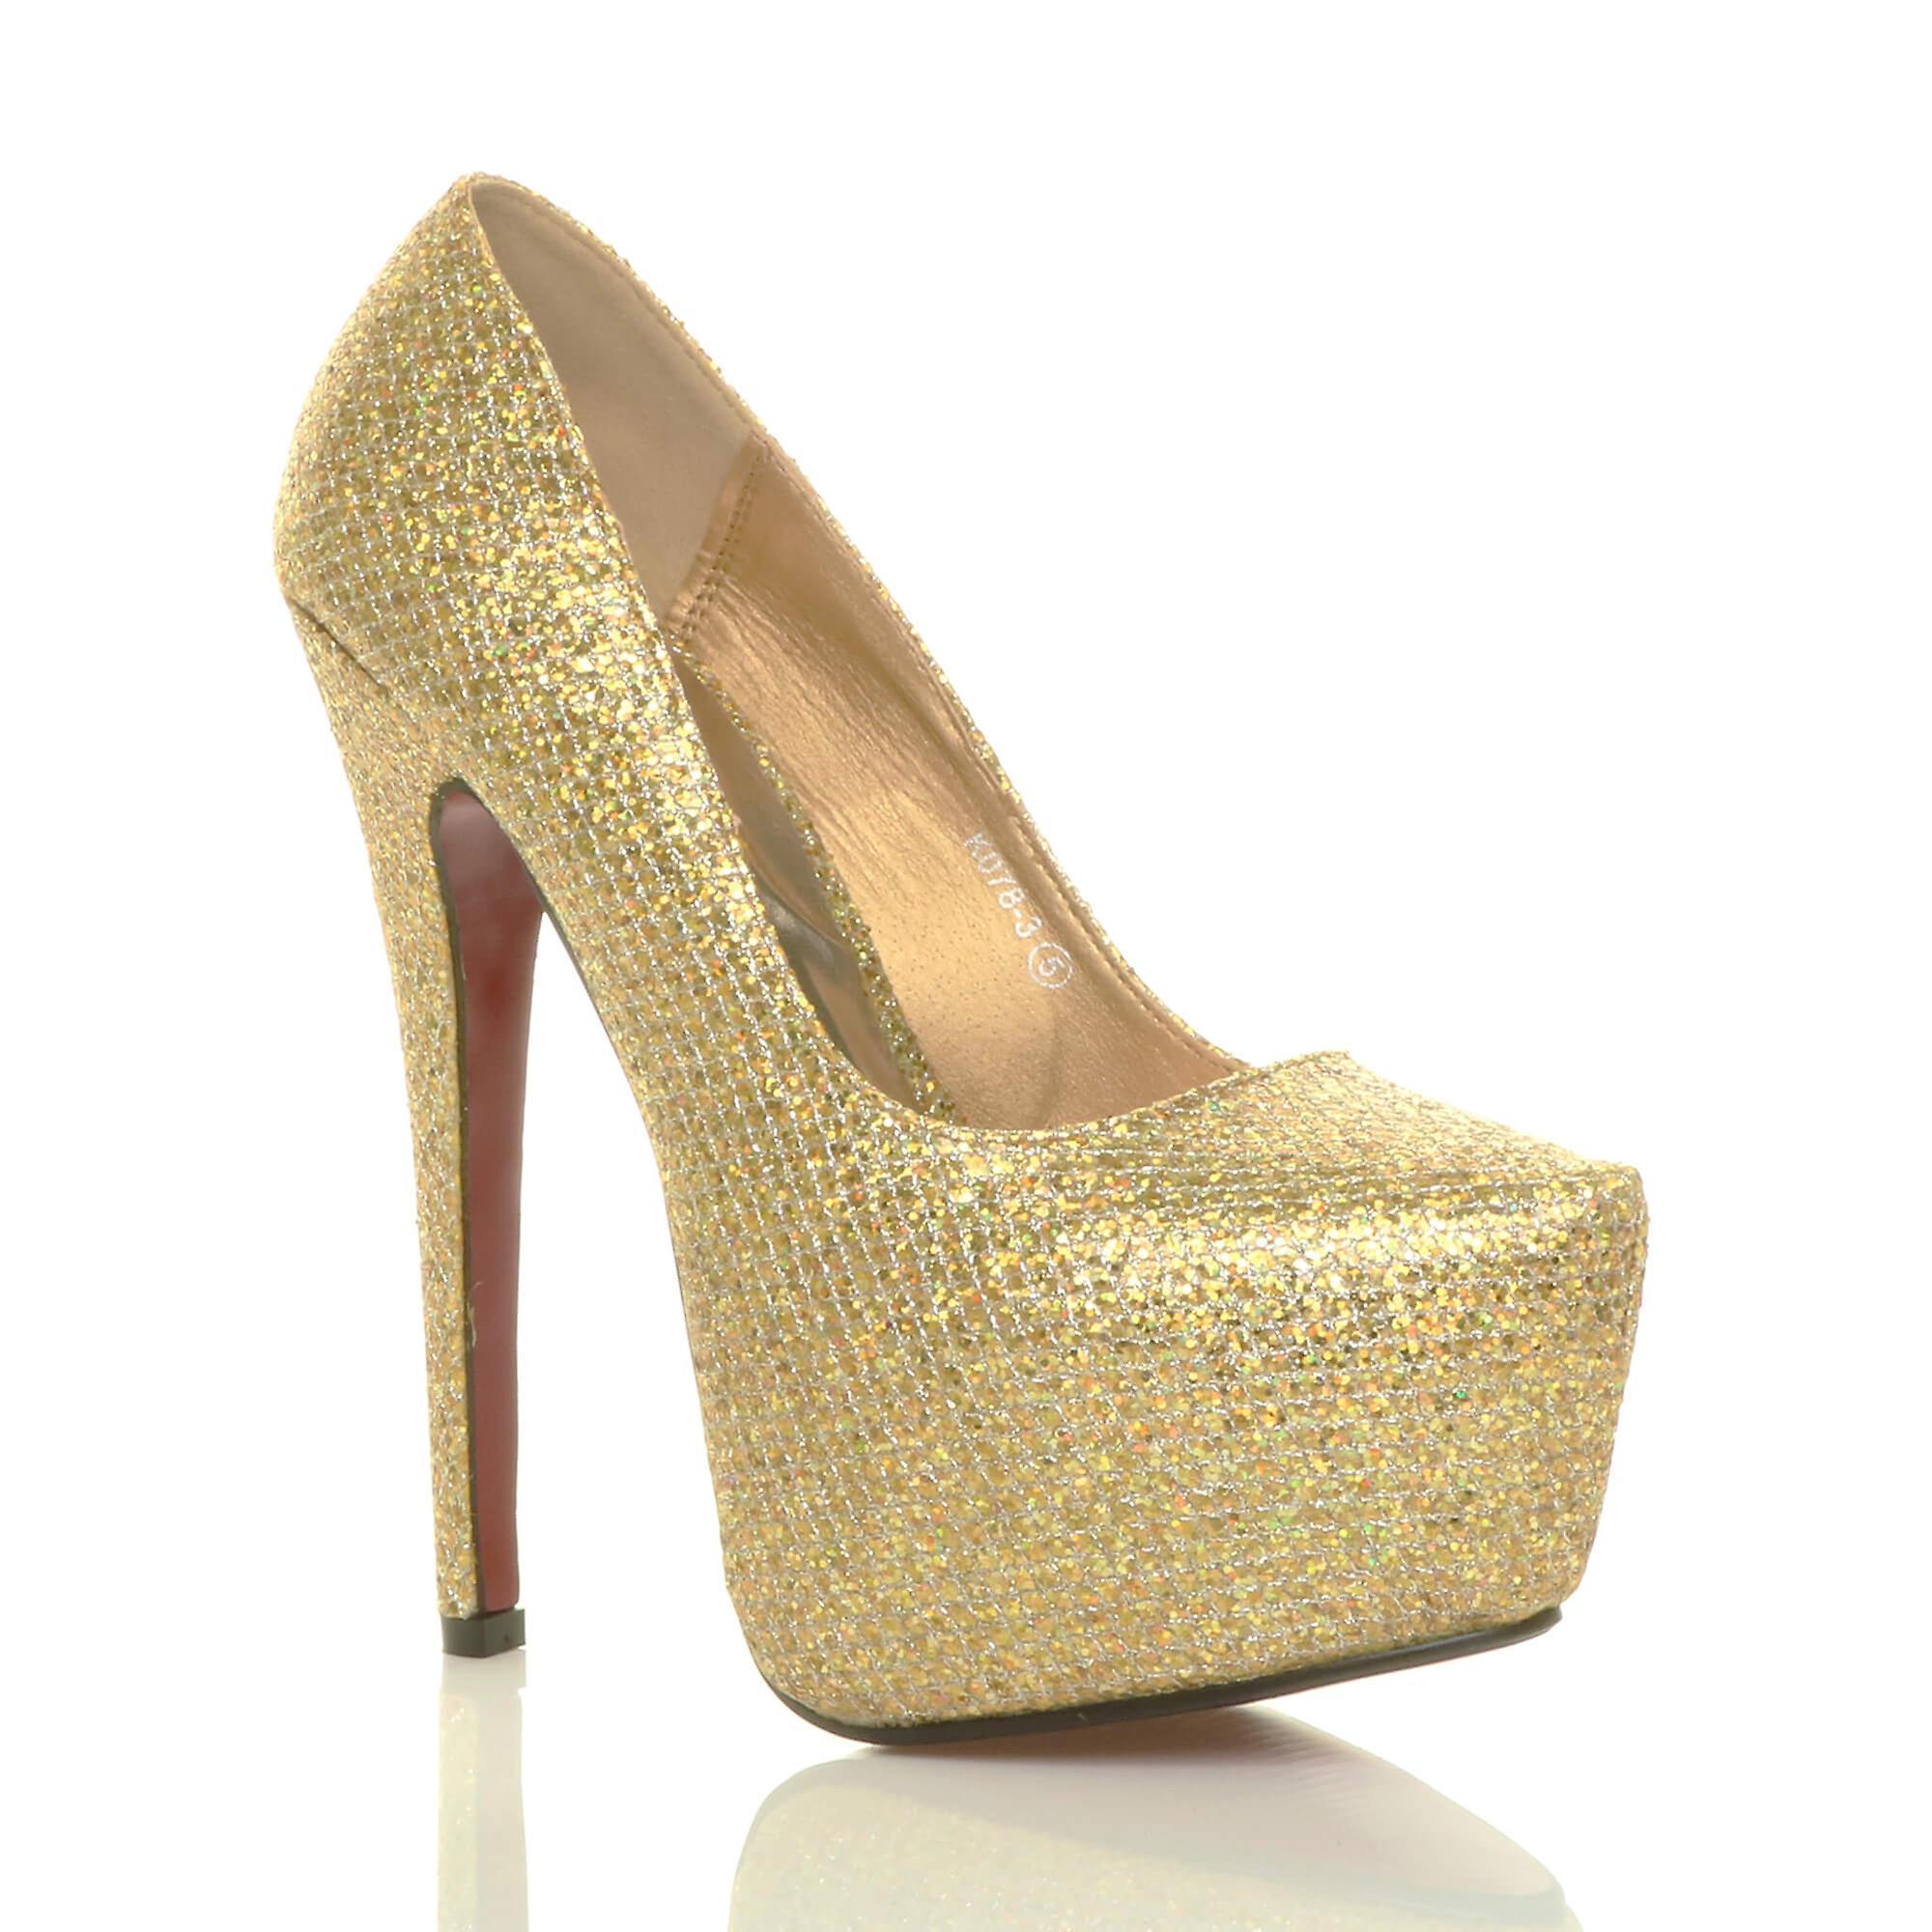 c01175053e6 Ajvani womens stiletto high heel concealed platform party court shoes pumps